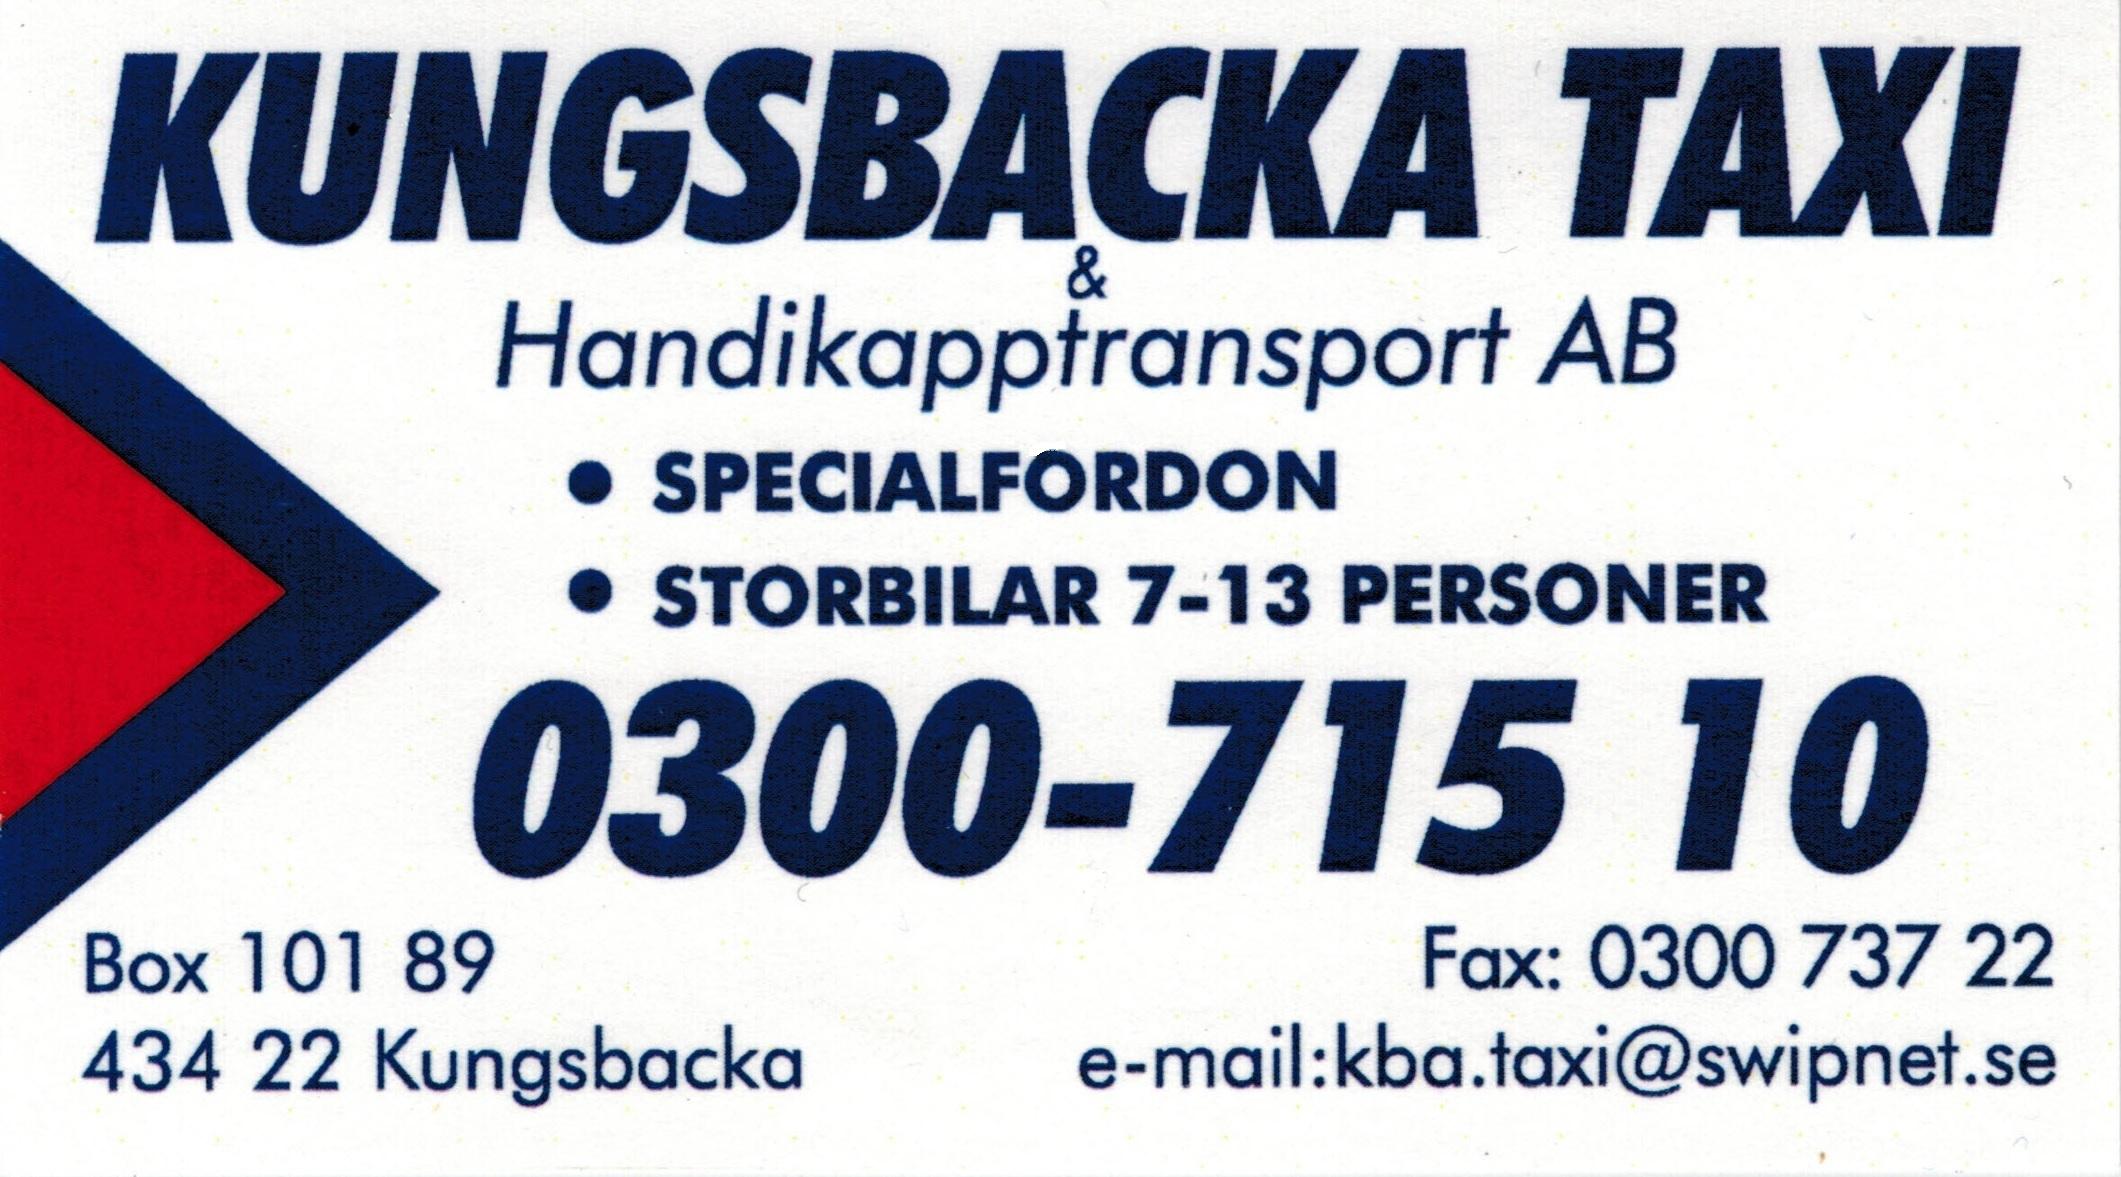 Kungsbacka Taxi & Handikapptransport AB